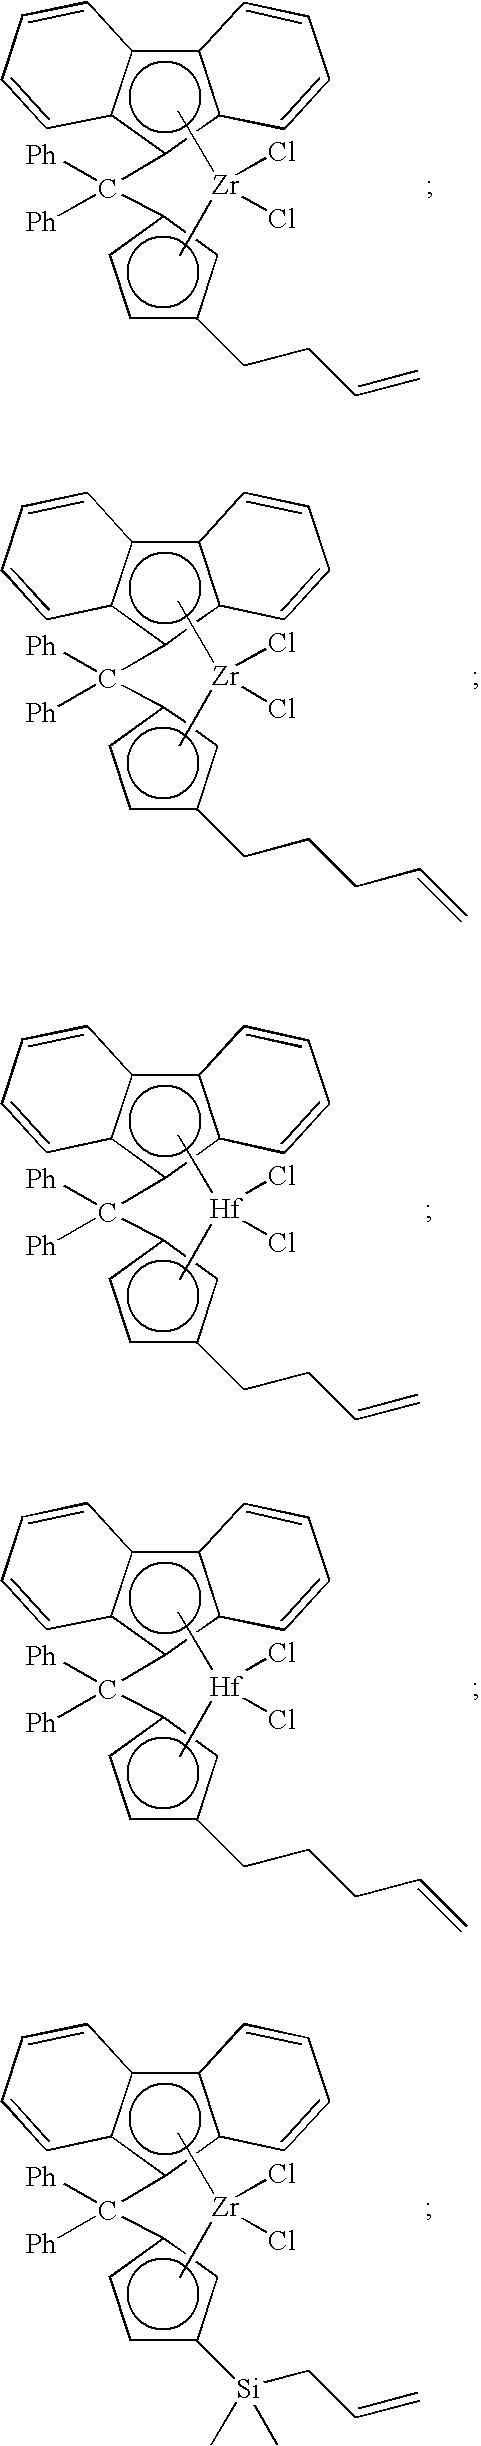 Figure US08329834-20121211-C00009